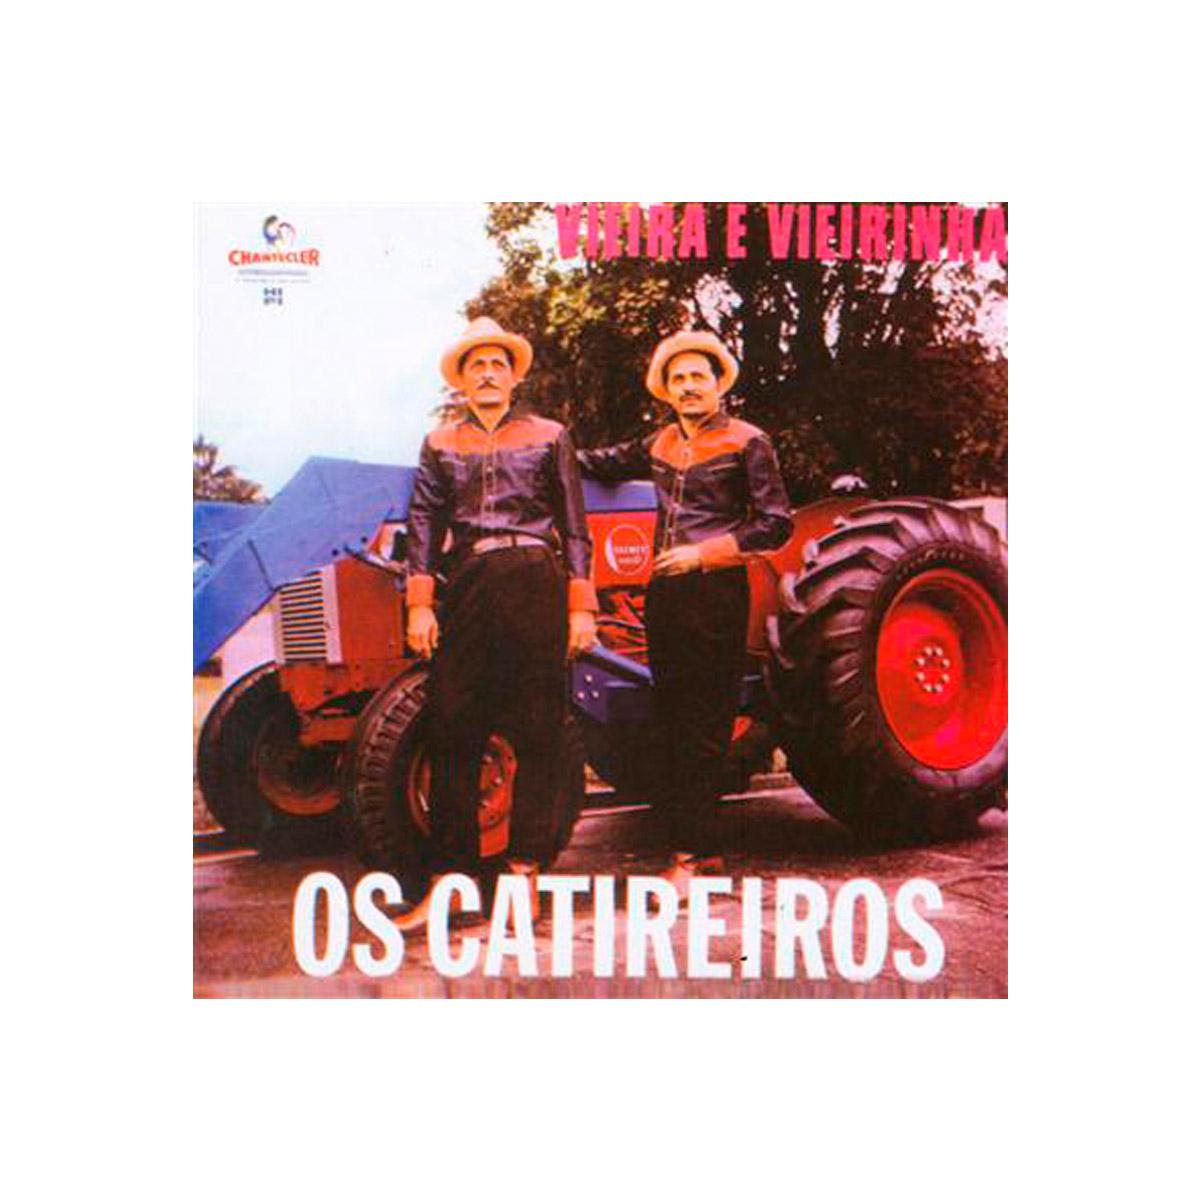 CD Vieira & Vieirinha Os Catireiros